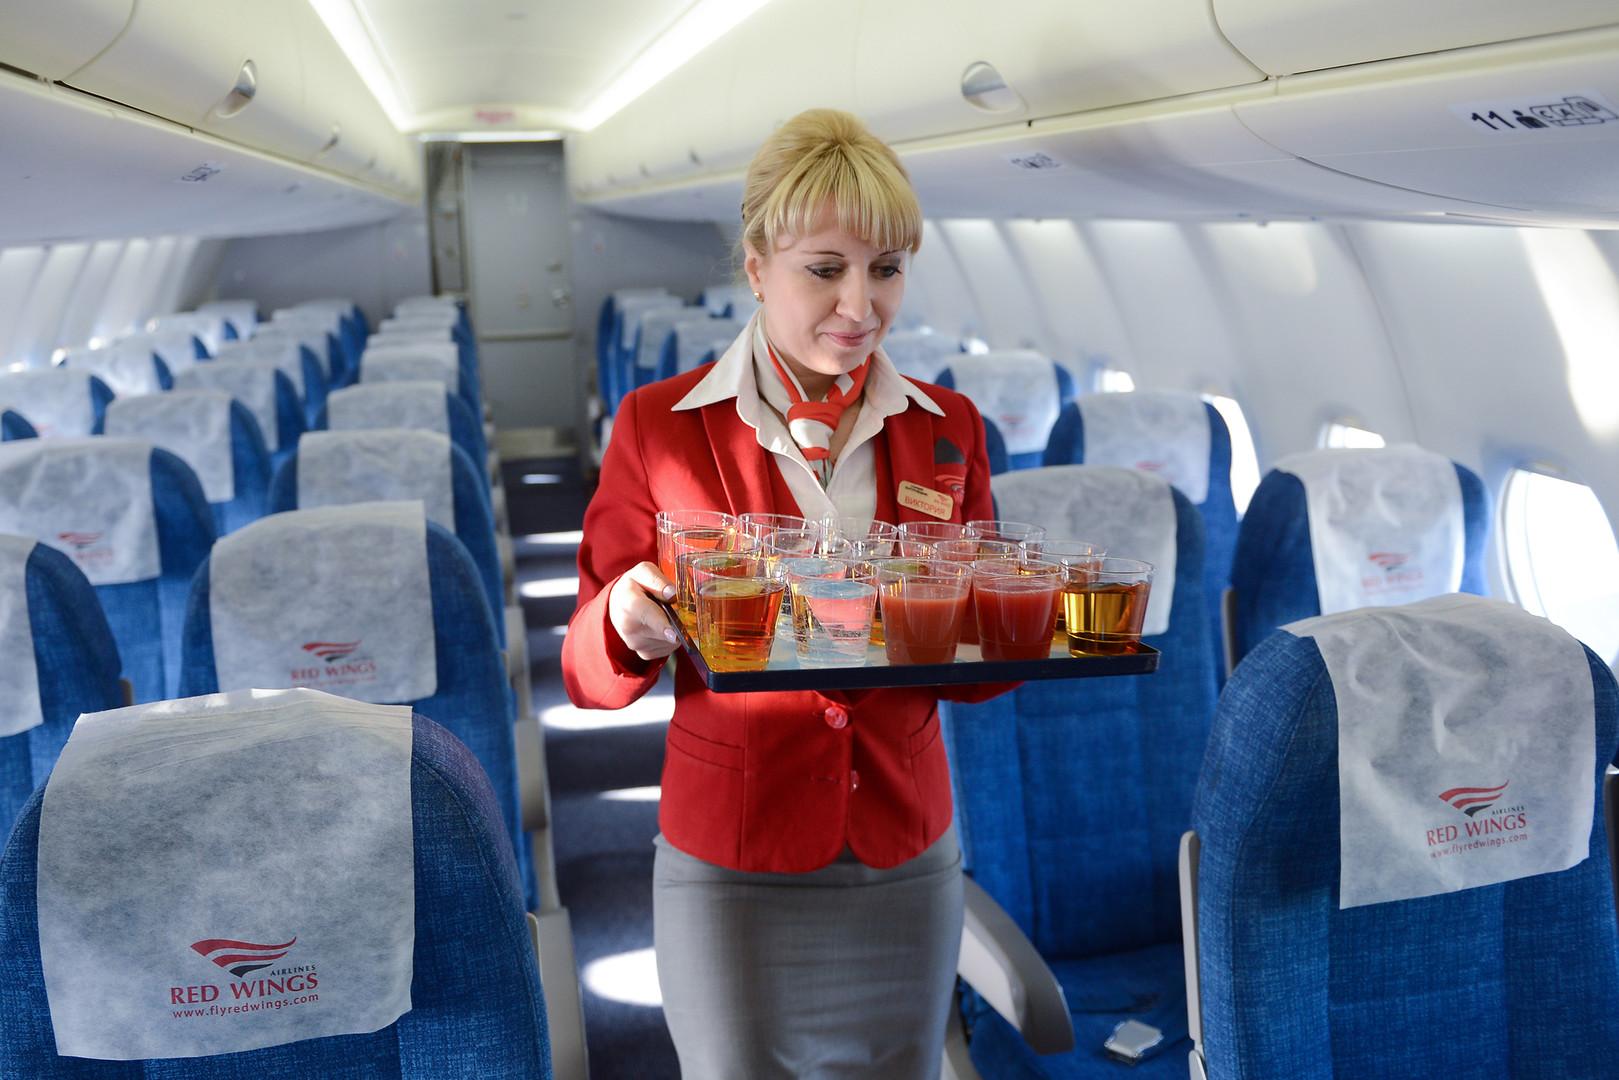 Erstes russisches Passagierflugzeug für Europa: CityJet erwartet die ersten Suchoi-SSJ100-Superjets